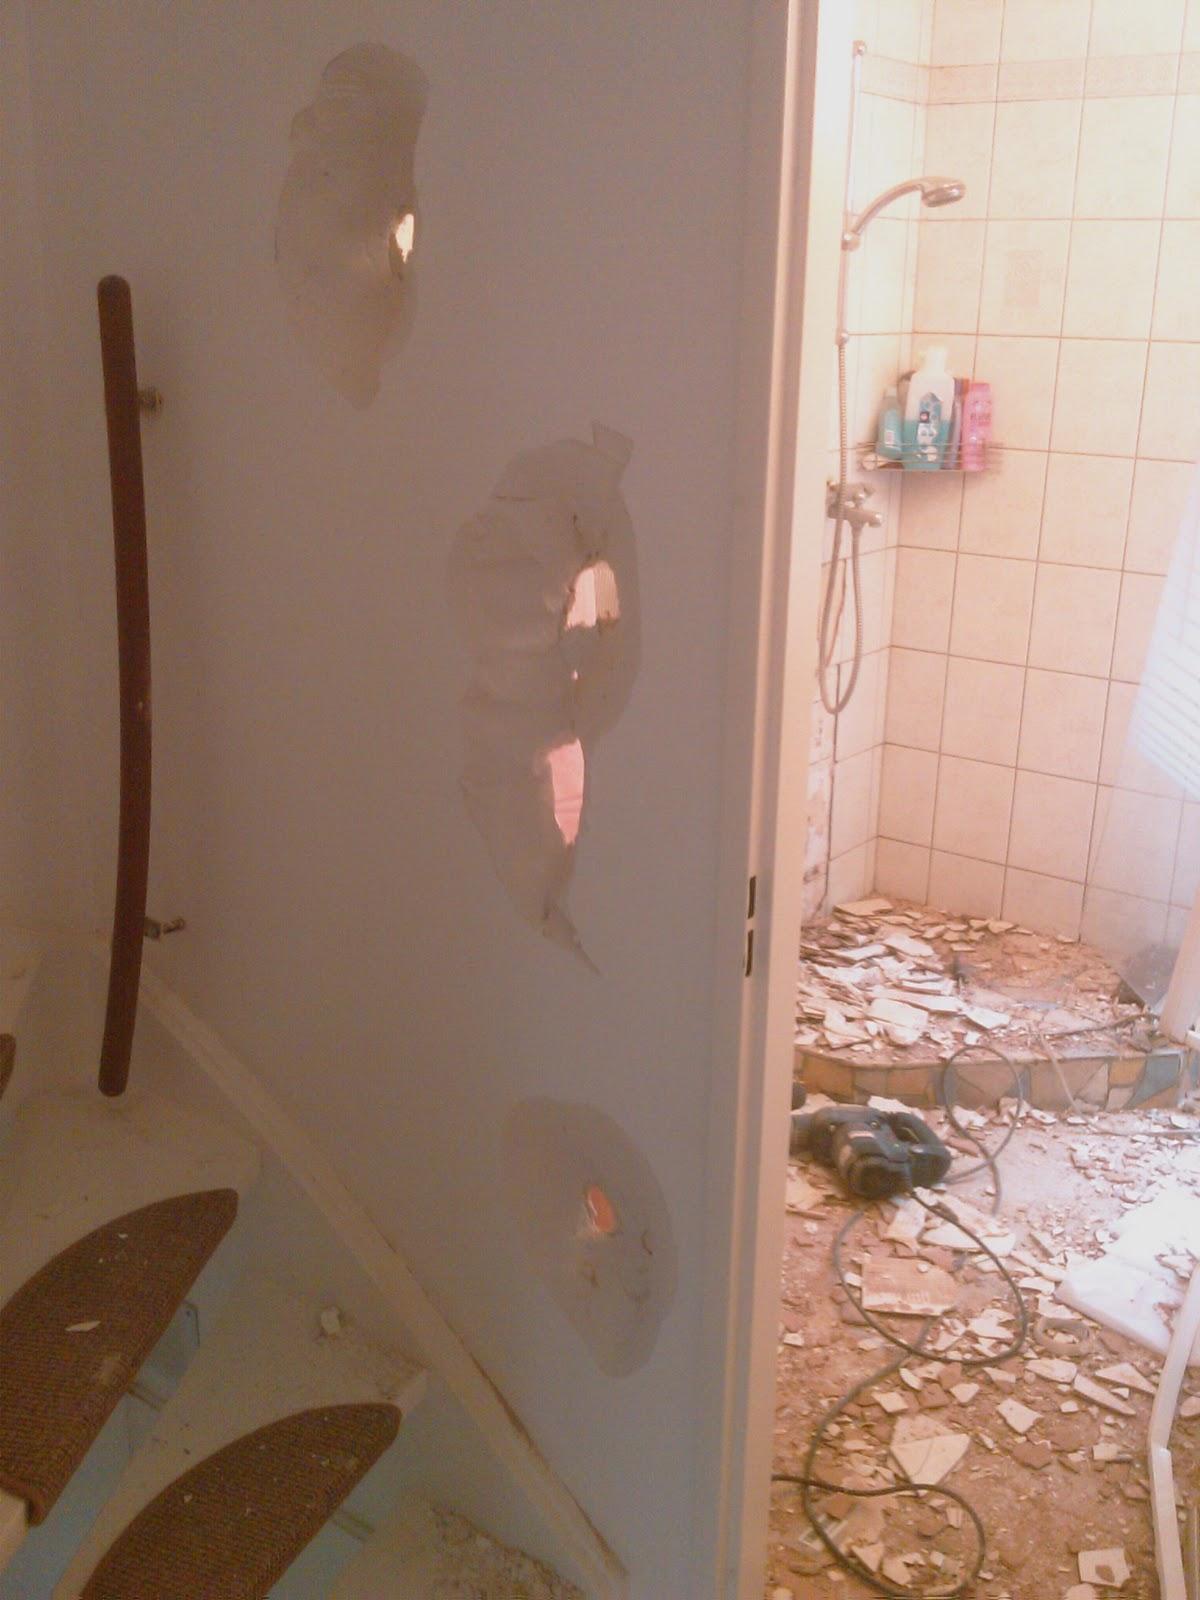 Zelf een badkamer maken september 2010 for Badkamer zelf maken